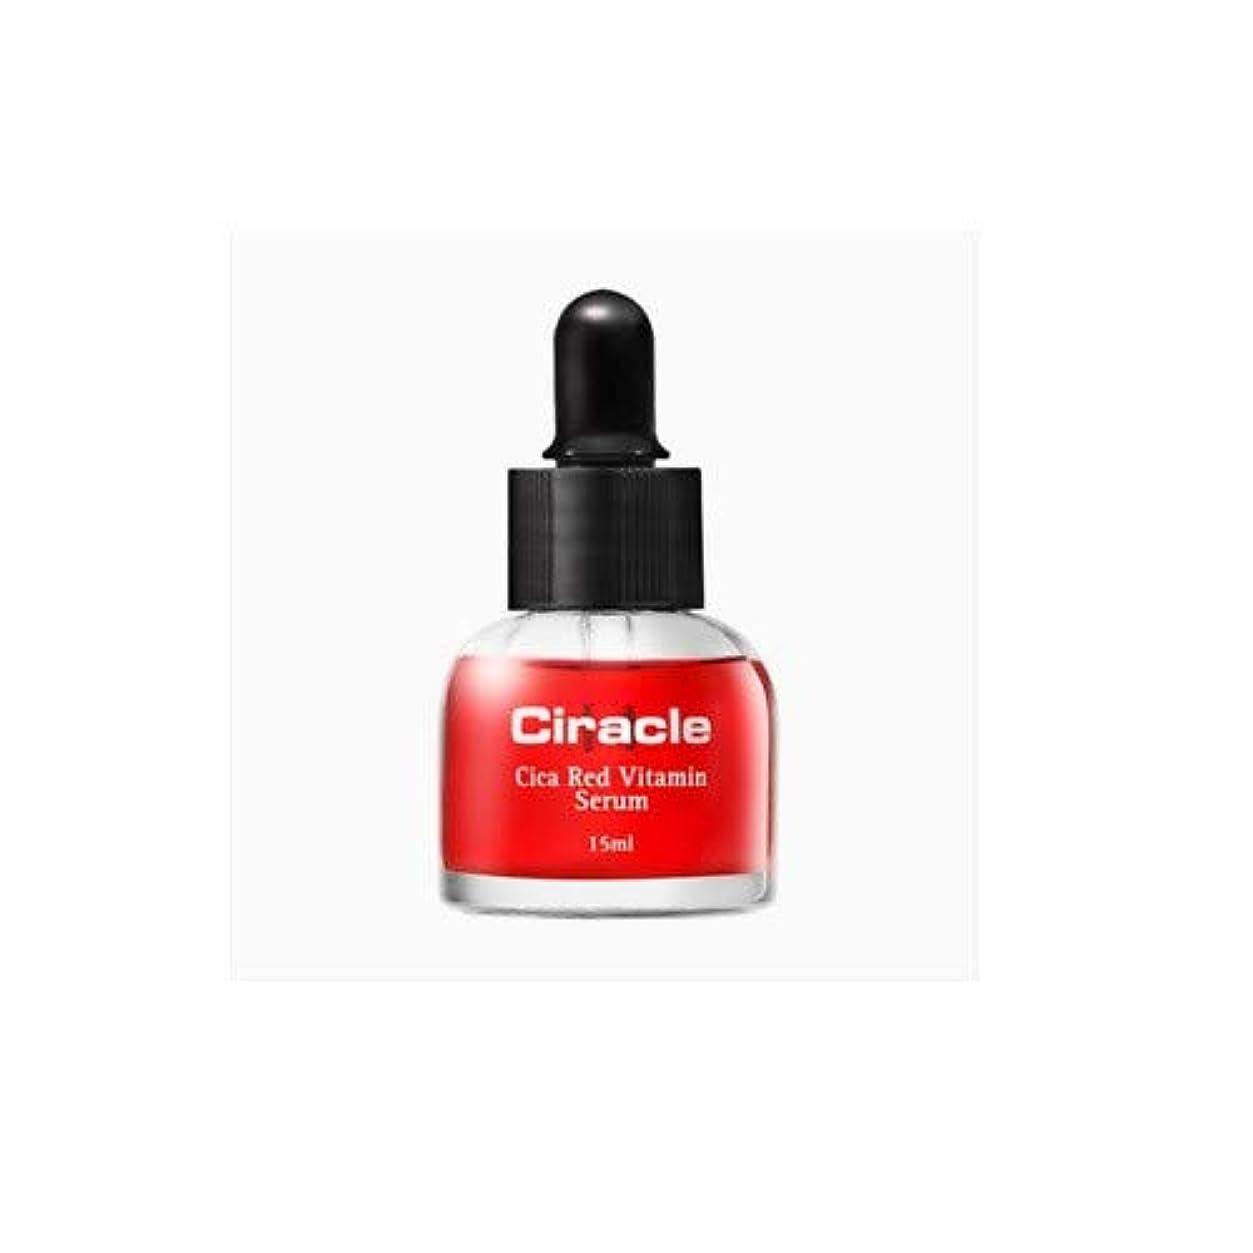 価格指紋退屈Ciracle シラクル シカ?レッド ビタミン セラム 角質ケア 保湿効果 美白 トラブル肌 敏感肌 エッセンス